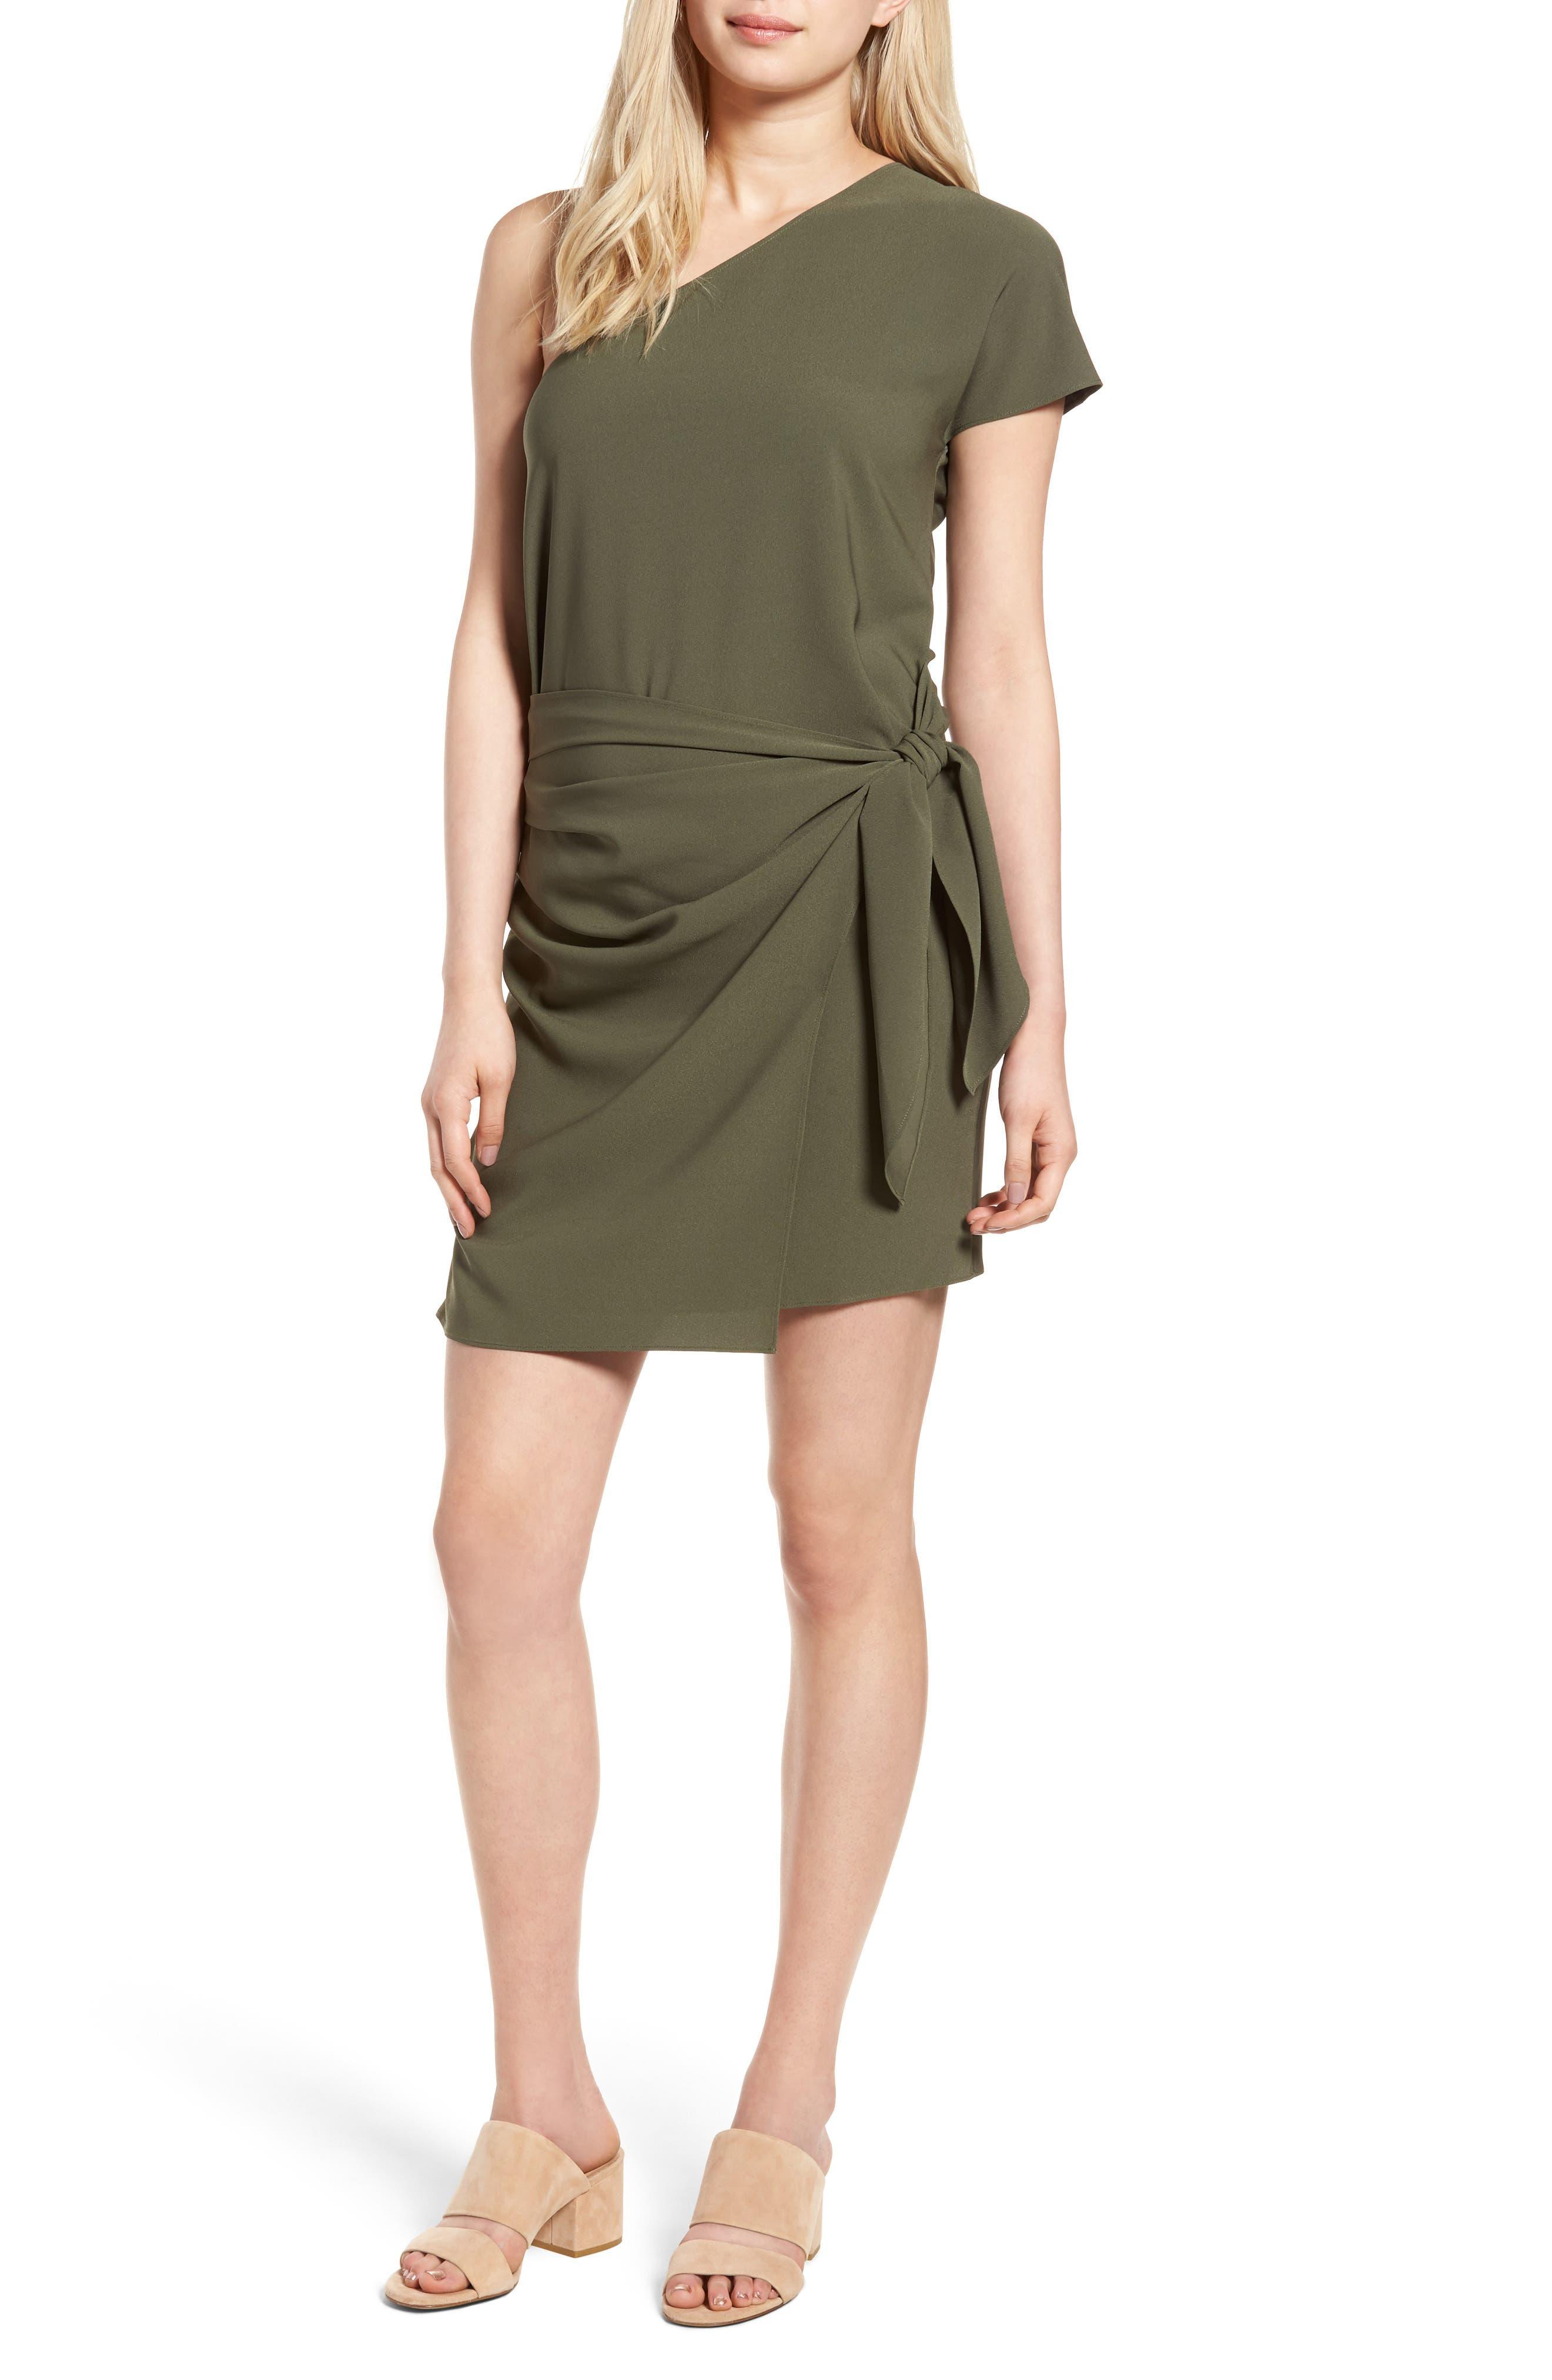 Trouvé One-Shoulder Minidress